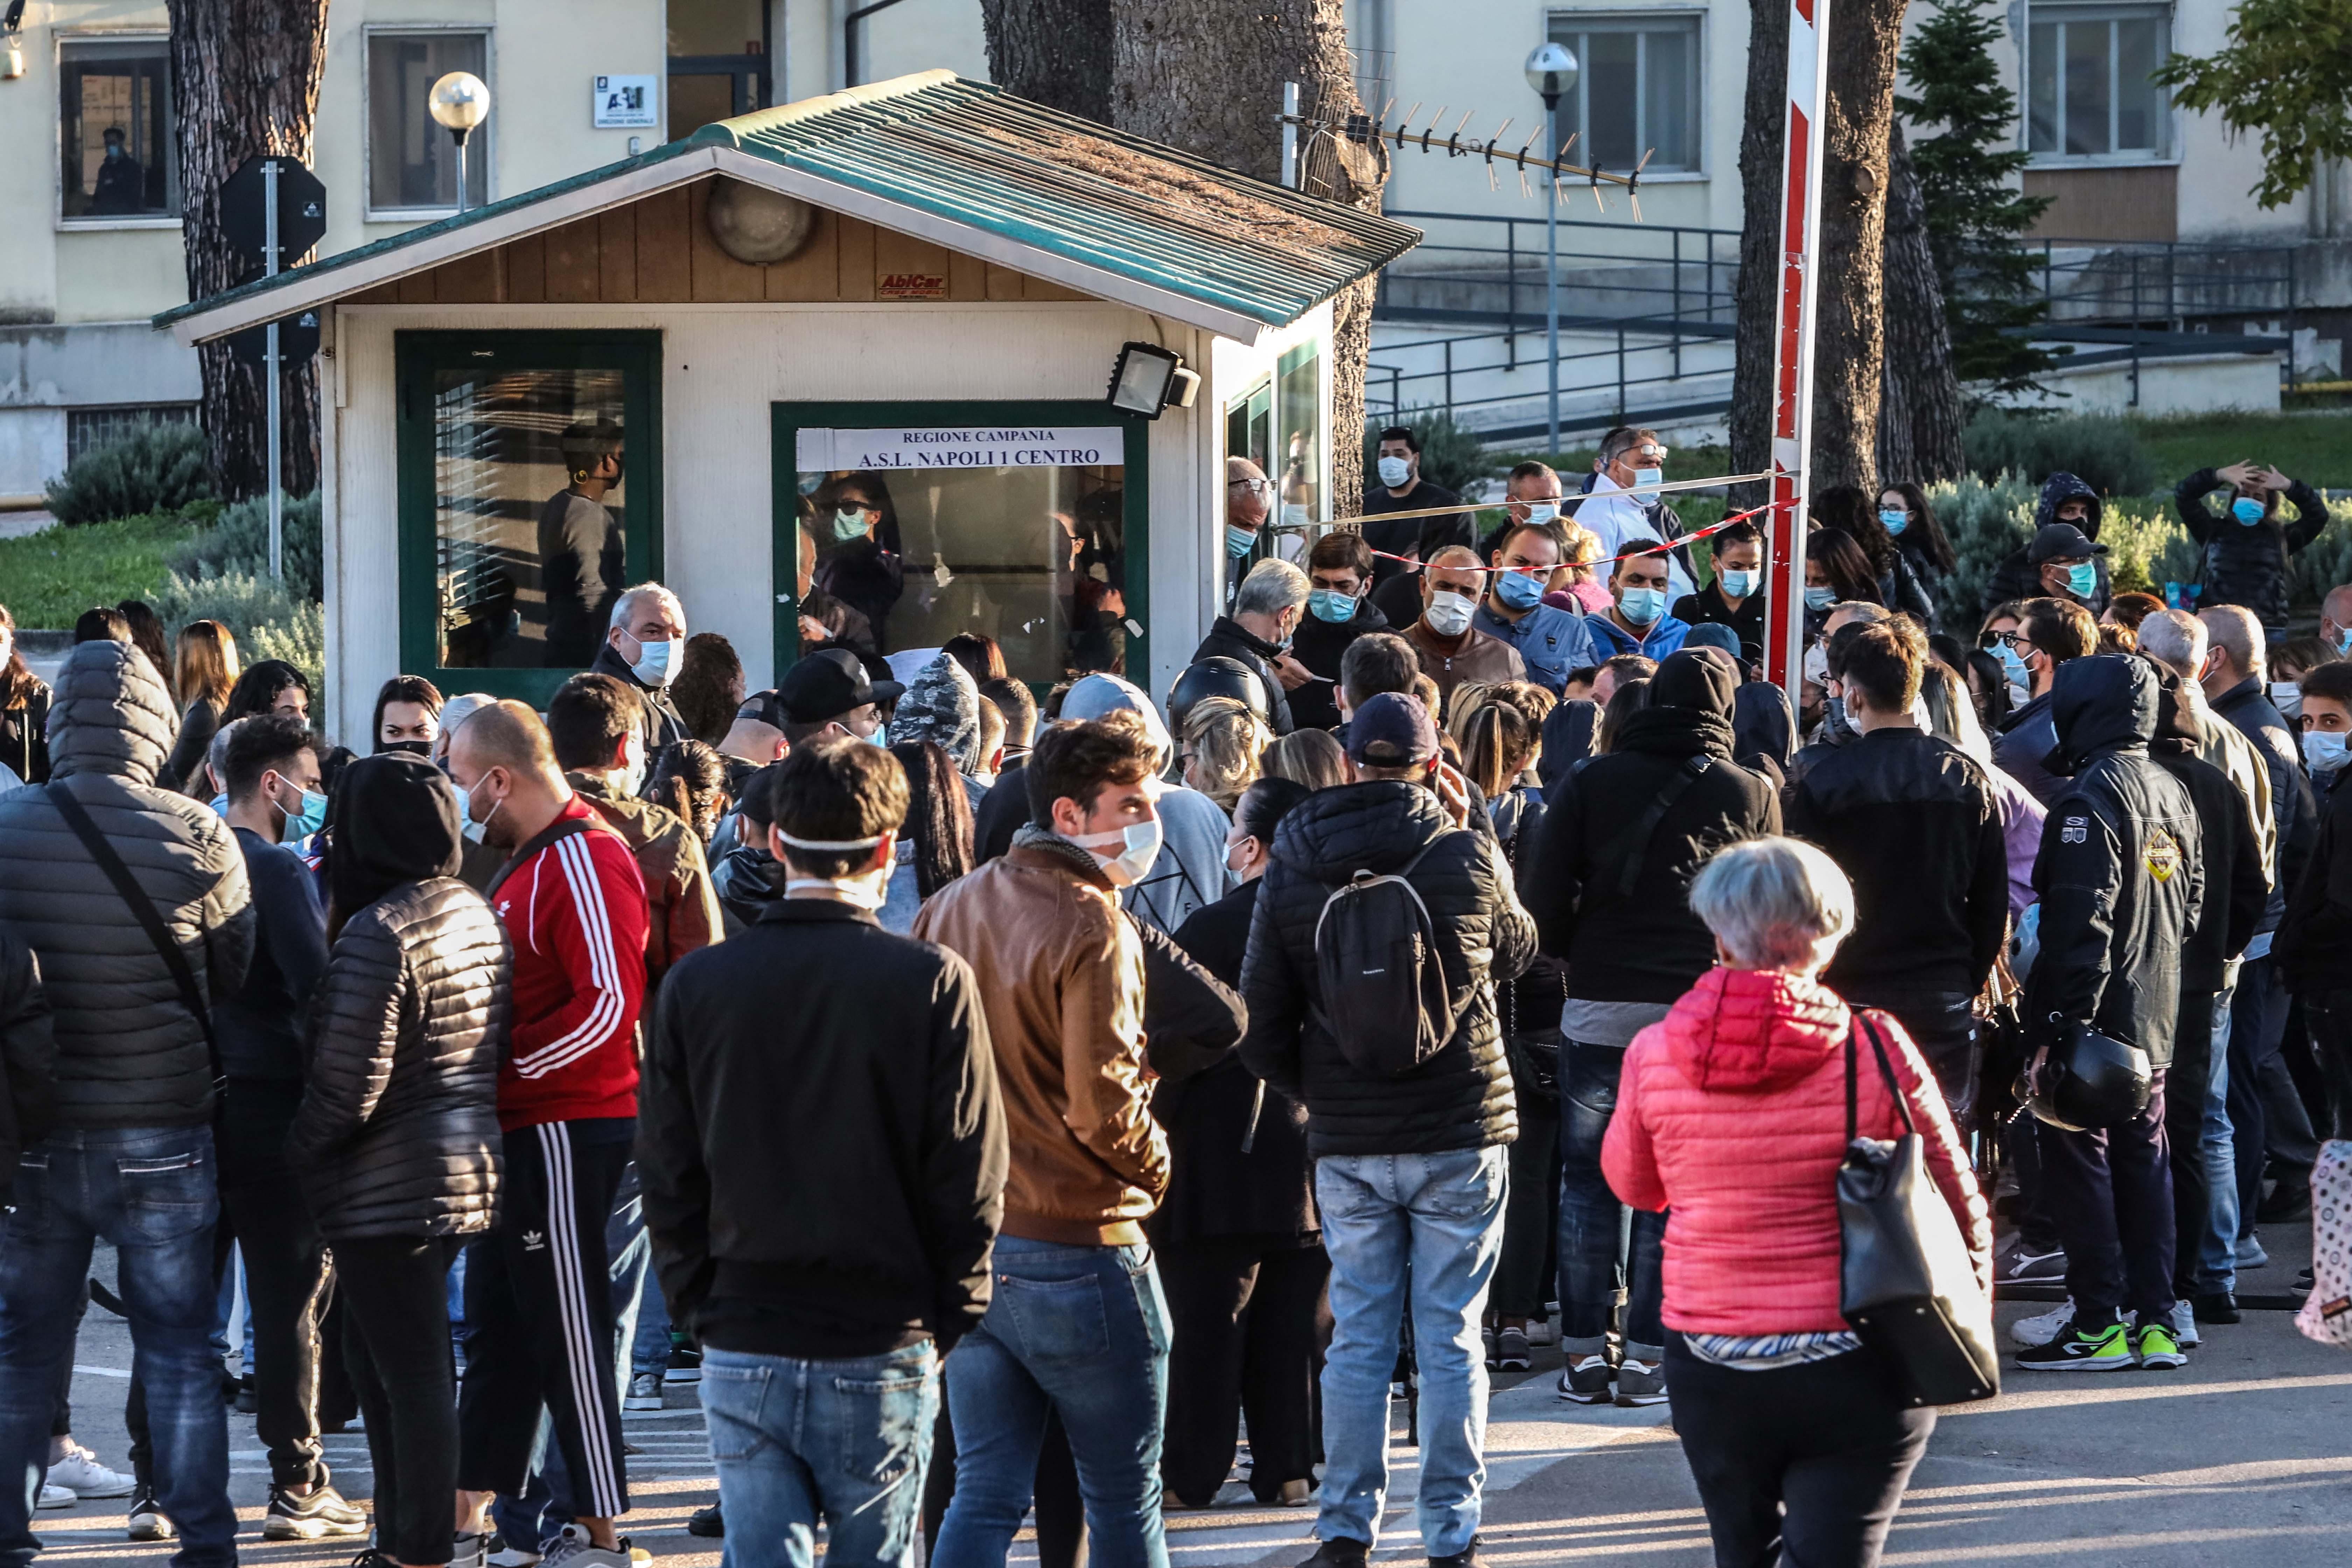 当地时间10月9日,意大利那不勒斯,民众在新冠病毒检测中心前排起长队。